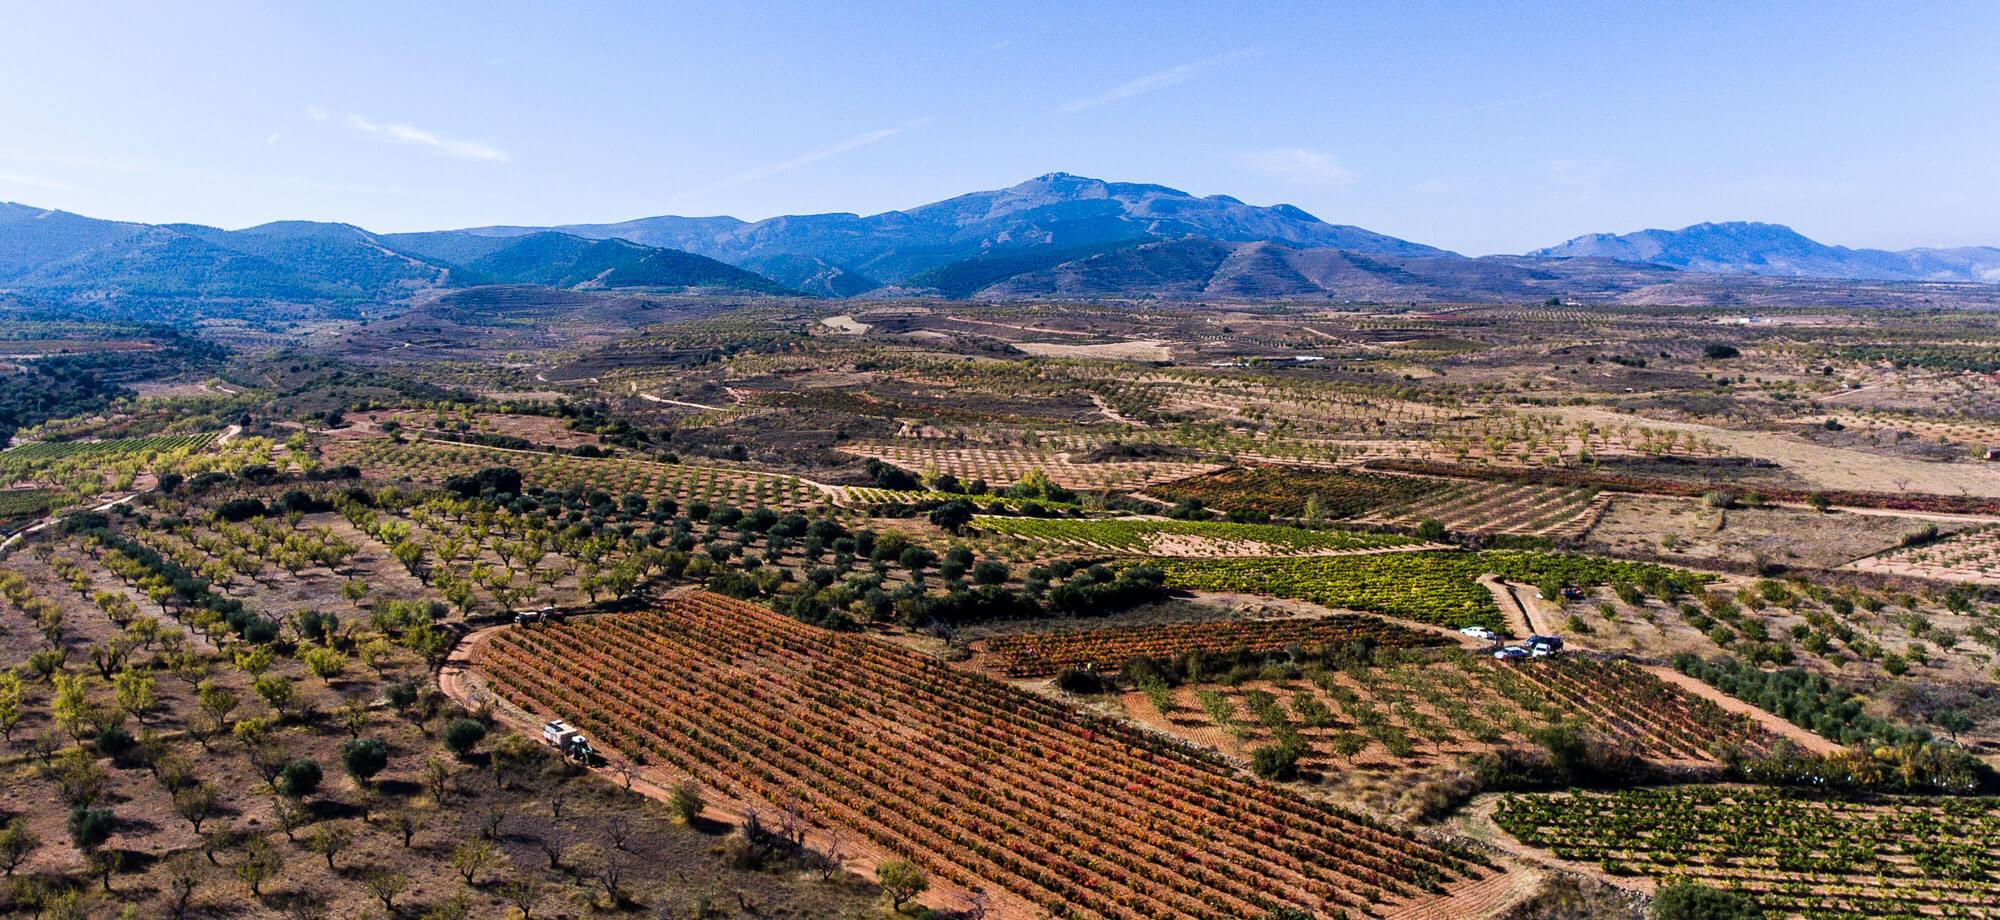 The Valle del Cidacos